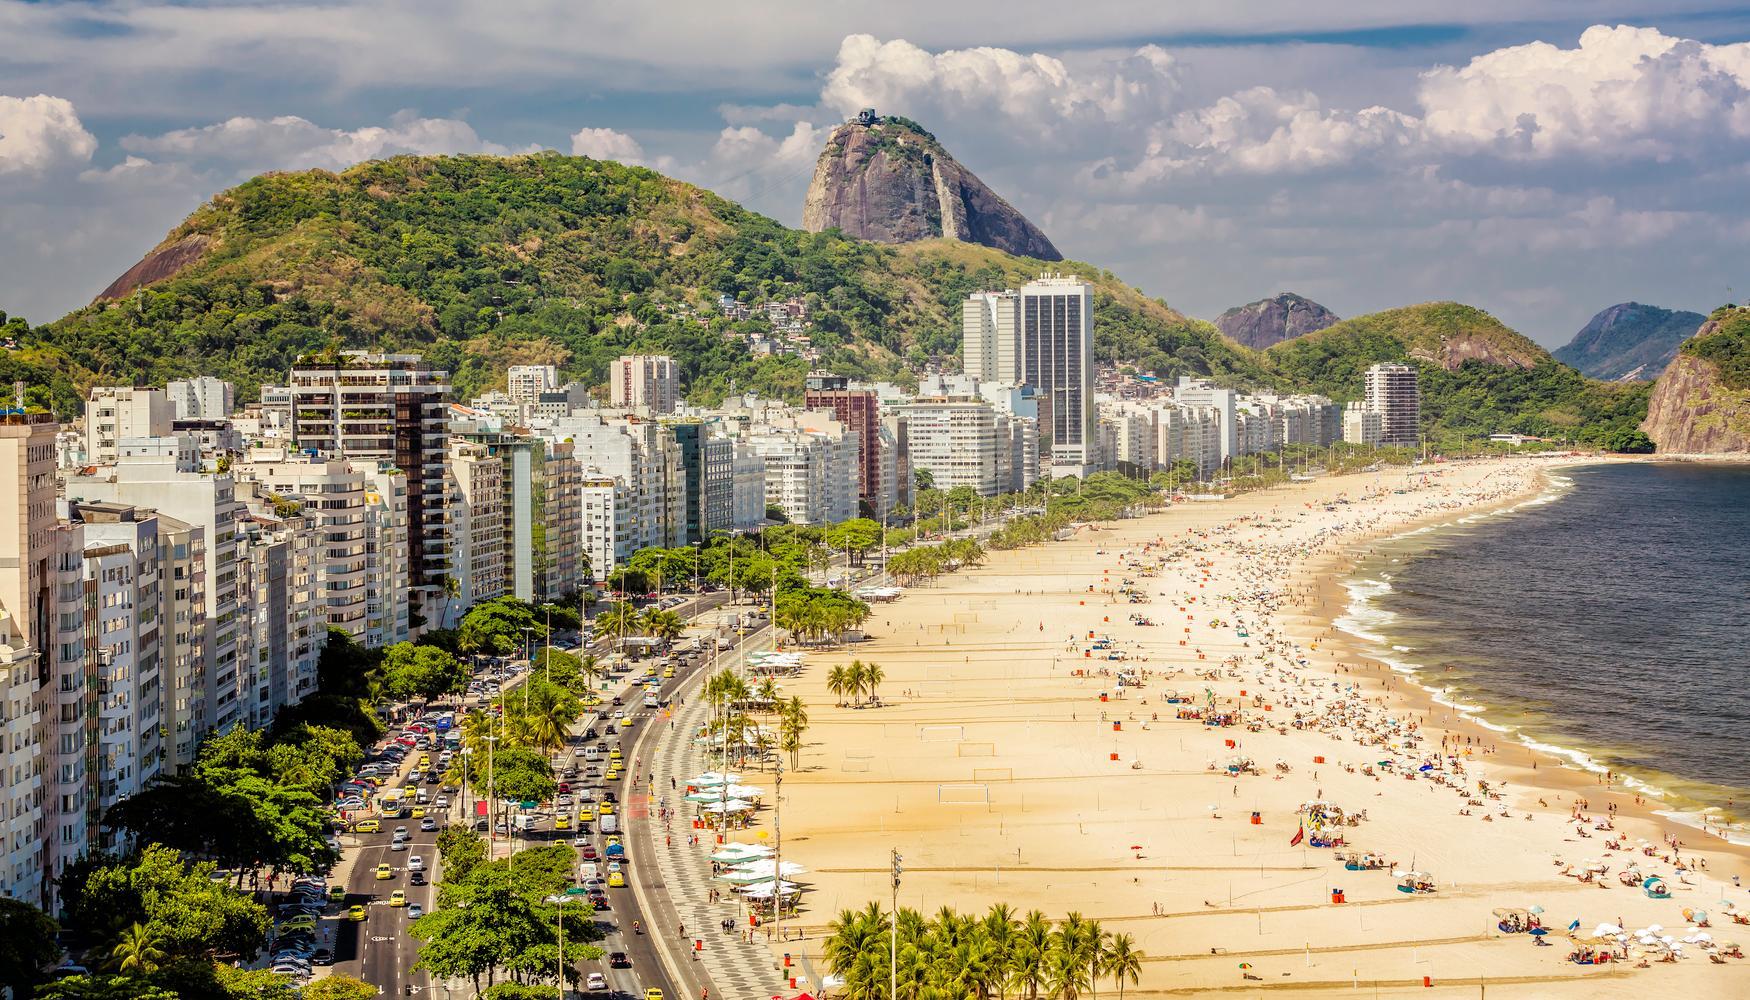 里约热内卢/ Galeao - Antonio Carlos Jobim国际机场的租车